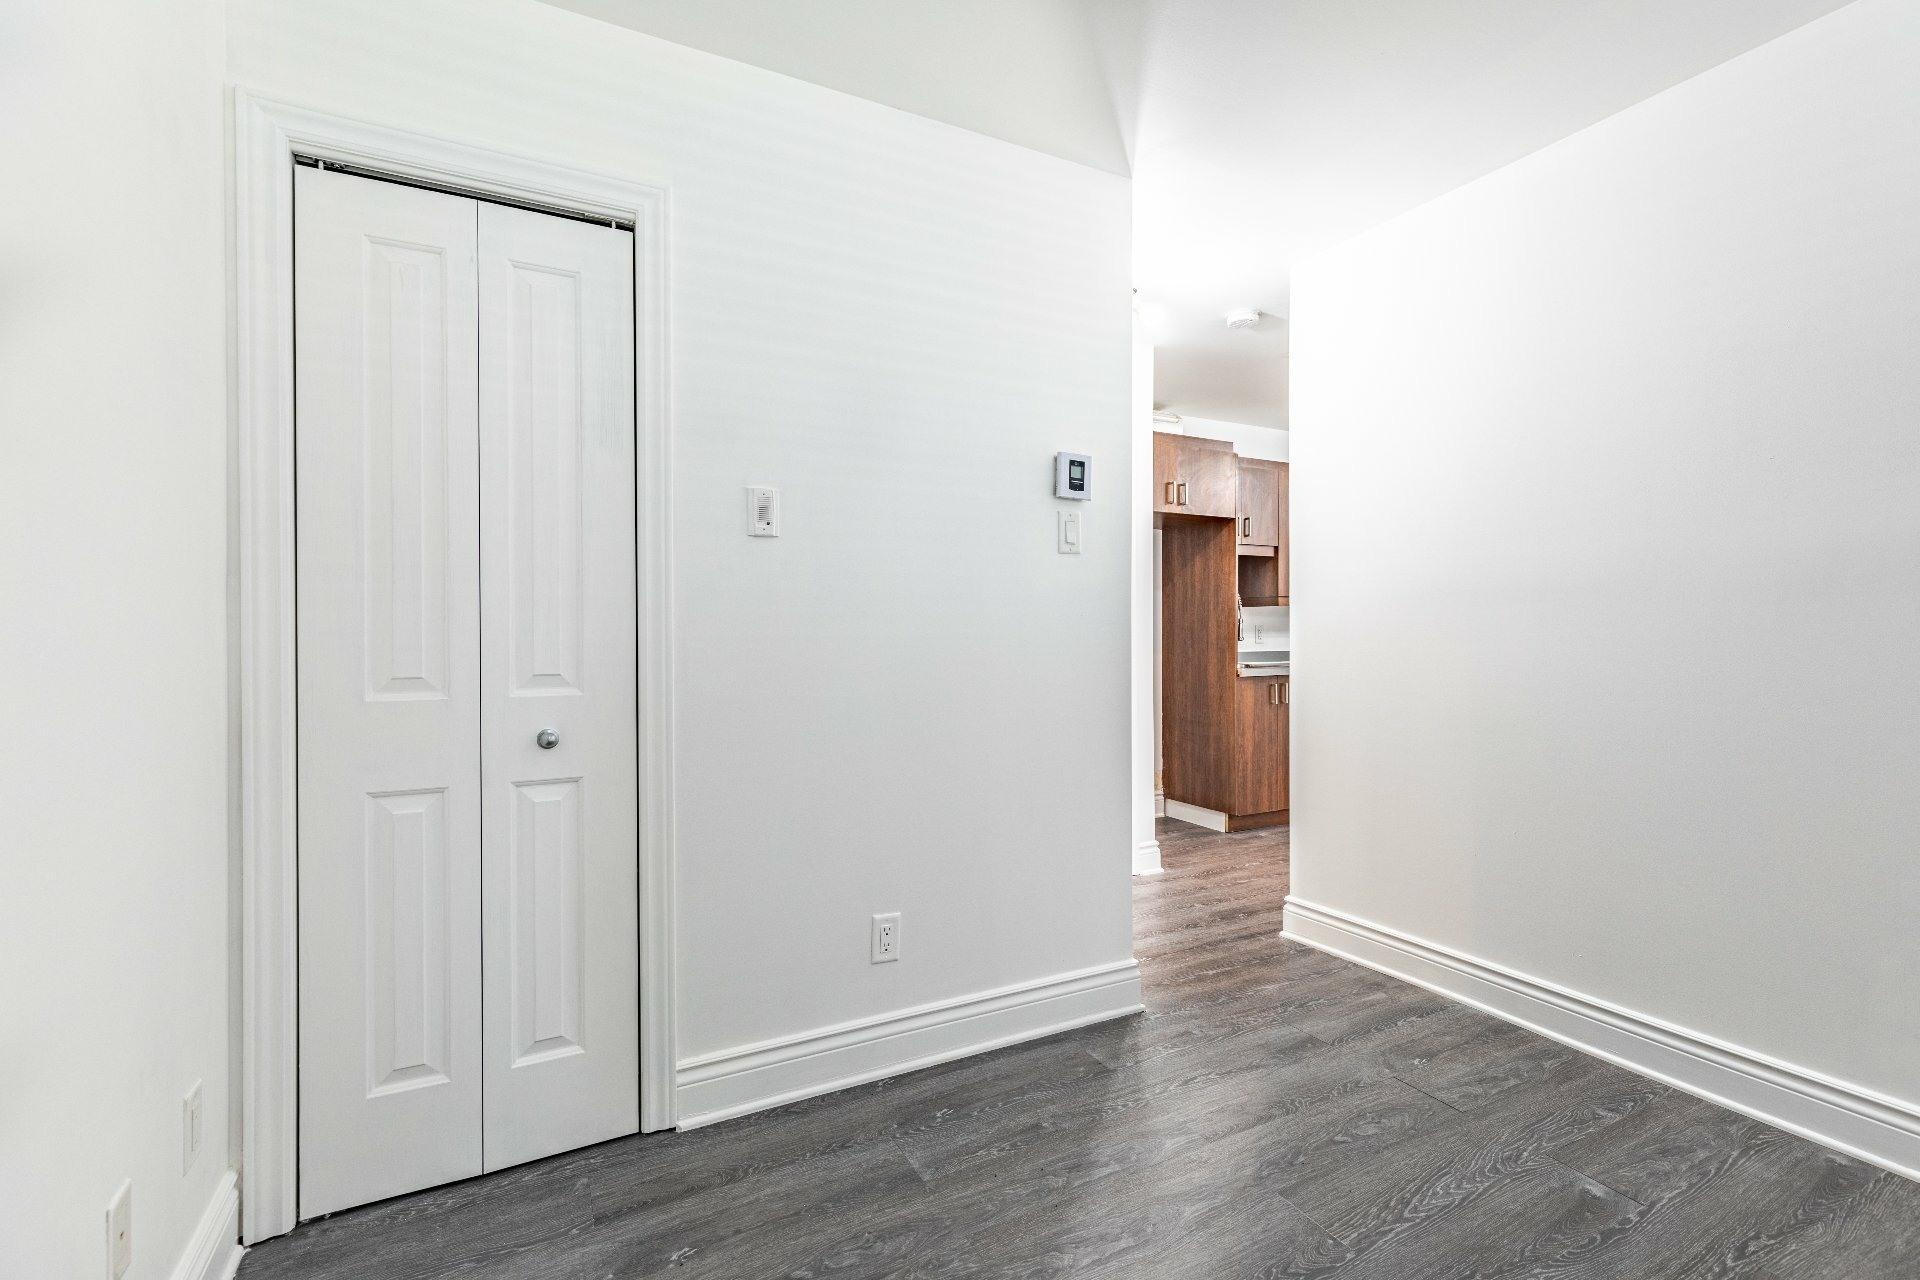 image 7 - Appartement À vendre Lachine Montréal  - 3 pièces